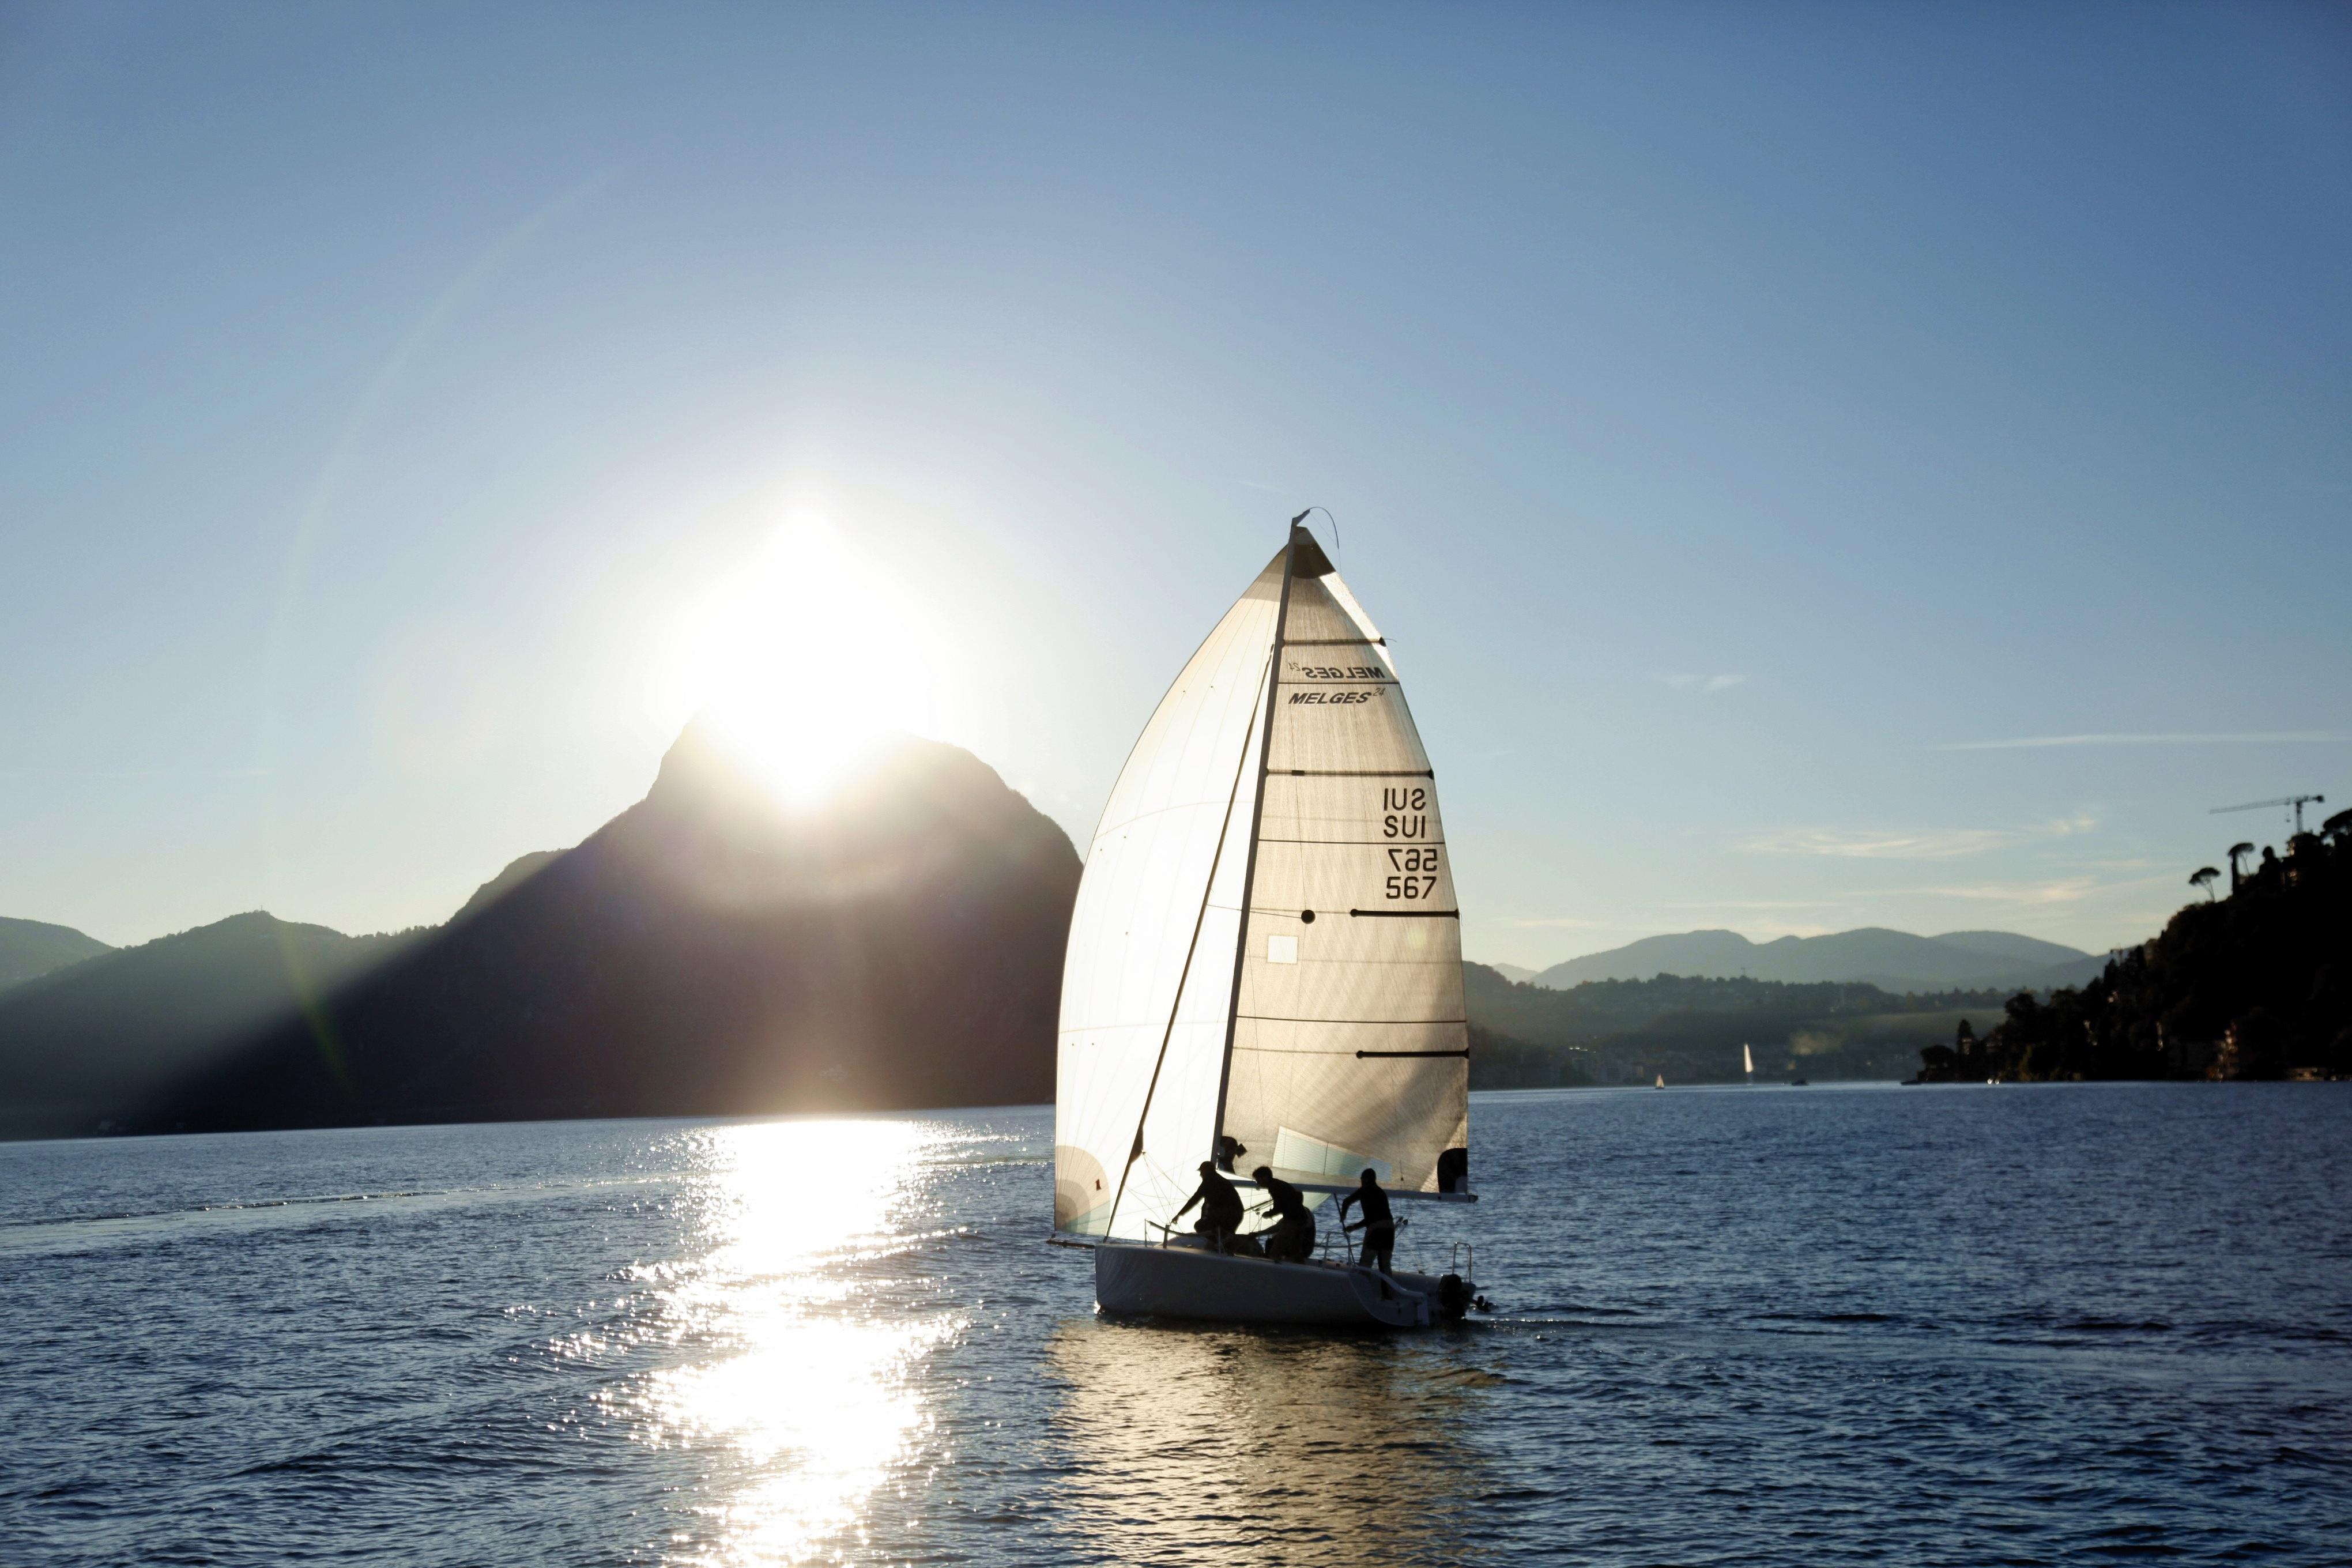 других картинки хорошая лодка с парусами это